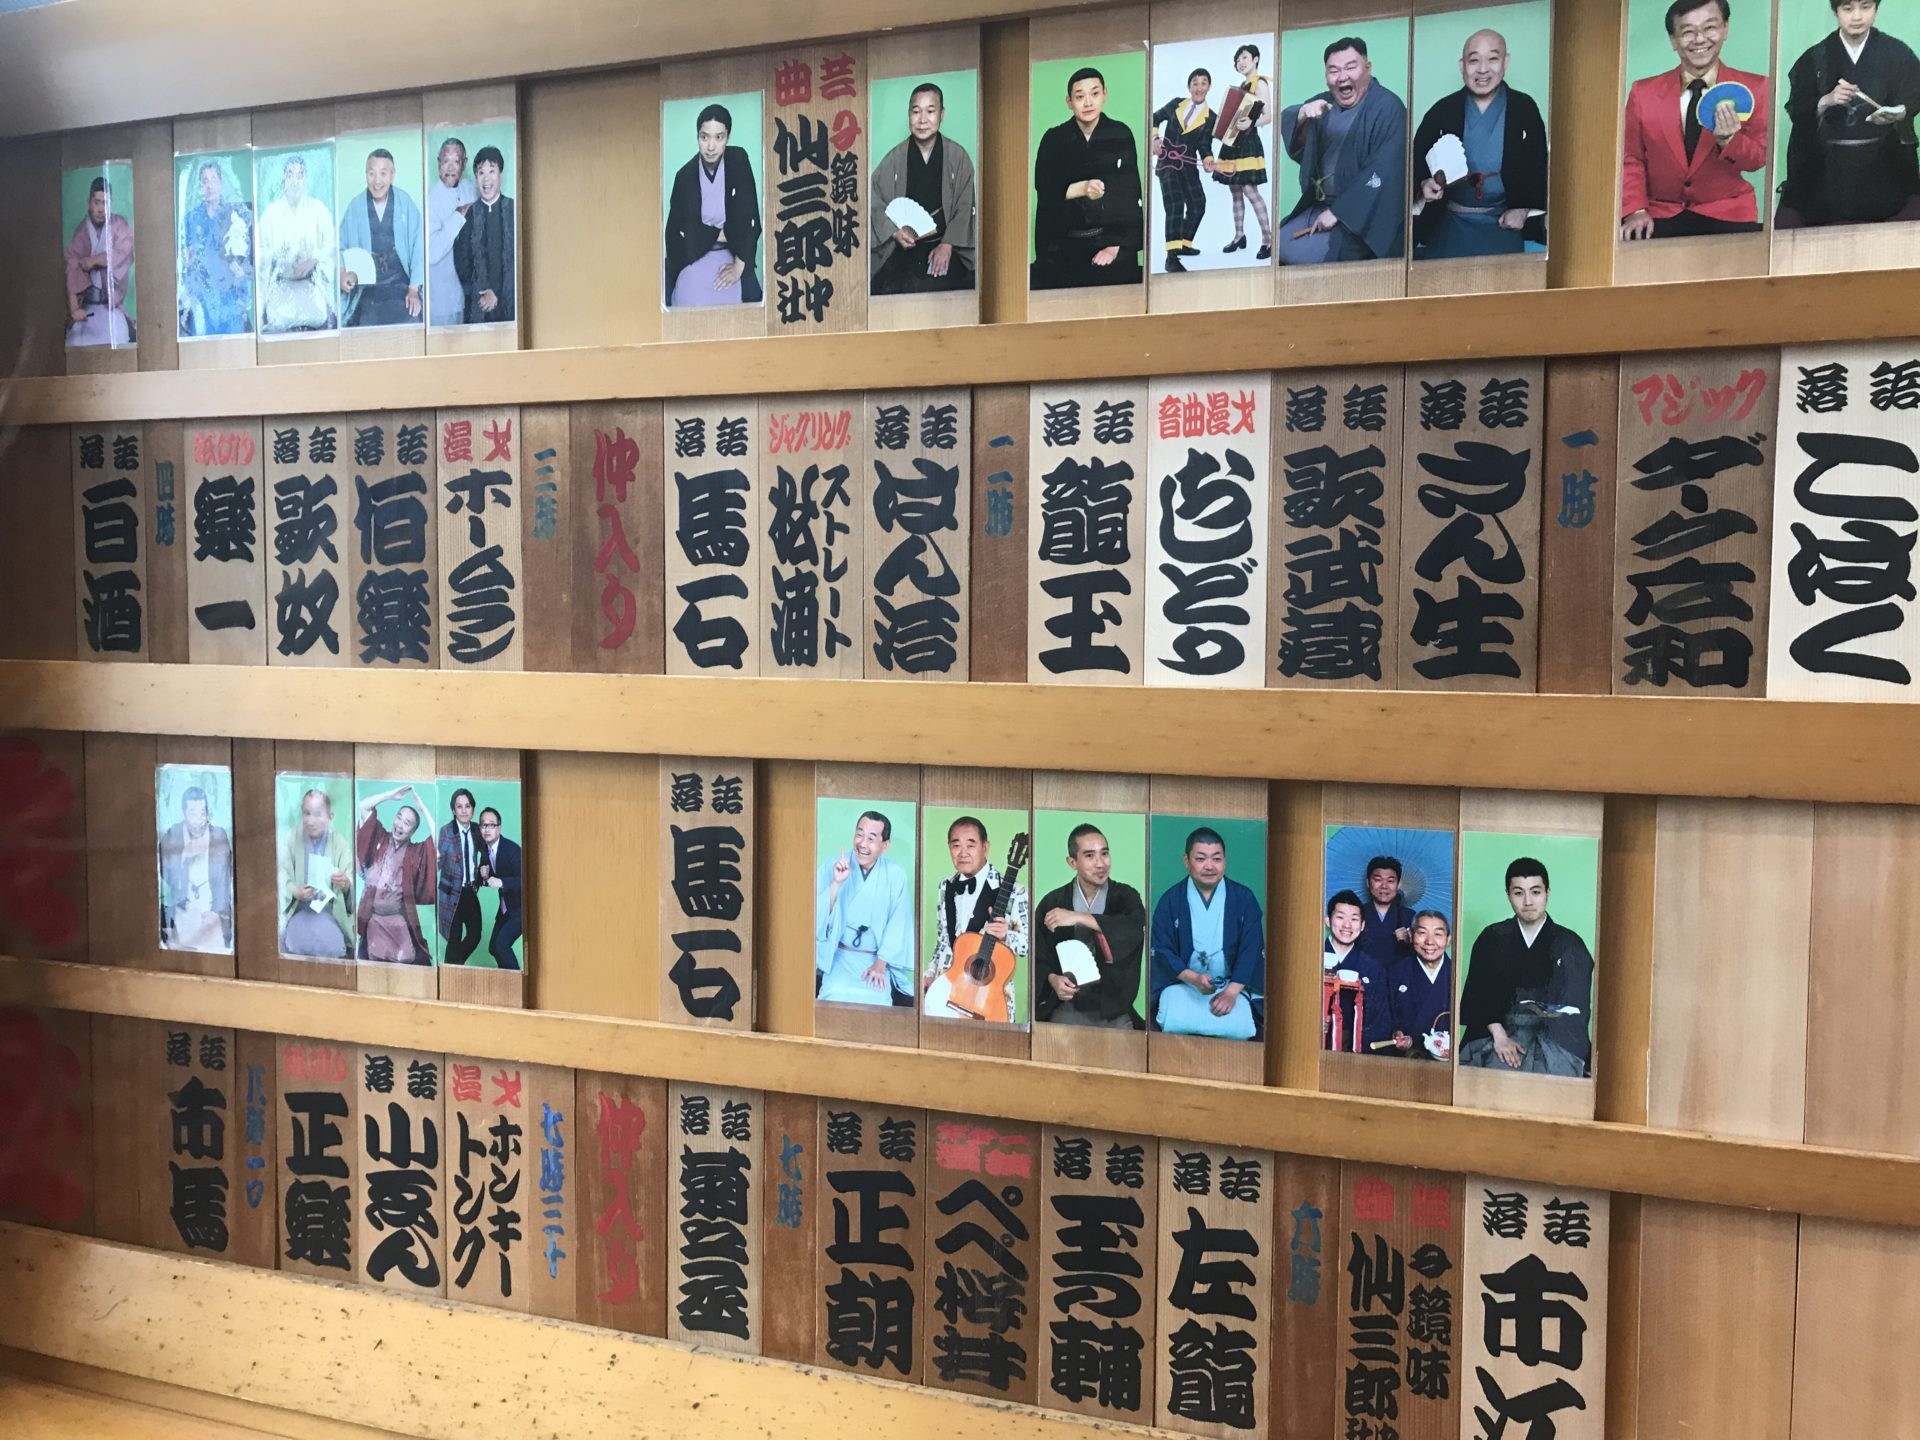 鈴本演芸場 2018年9月上席